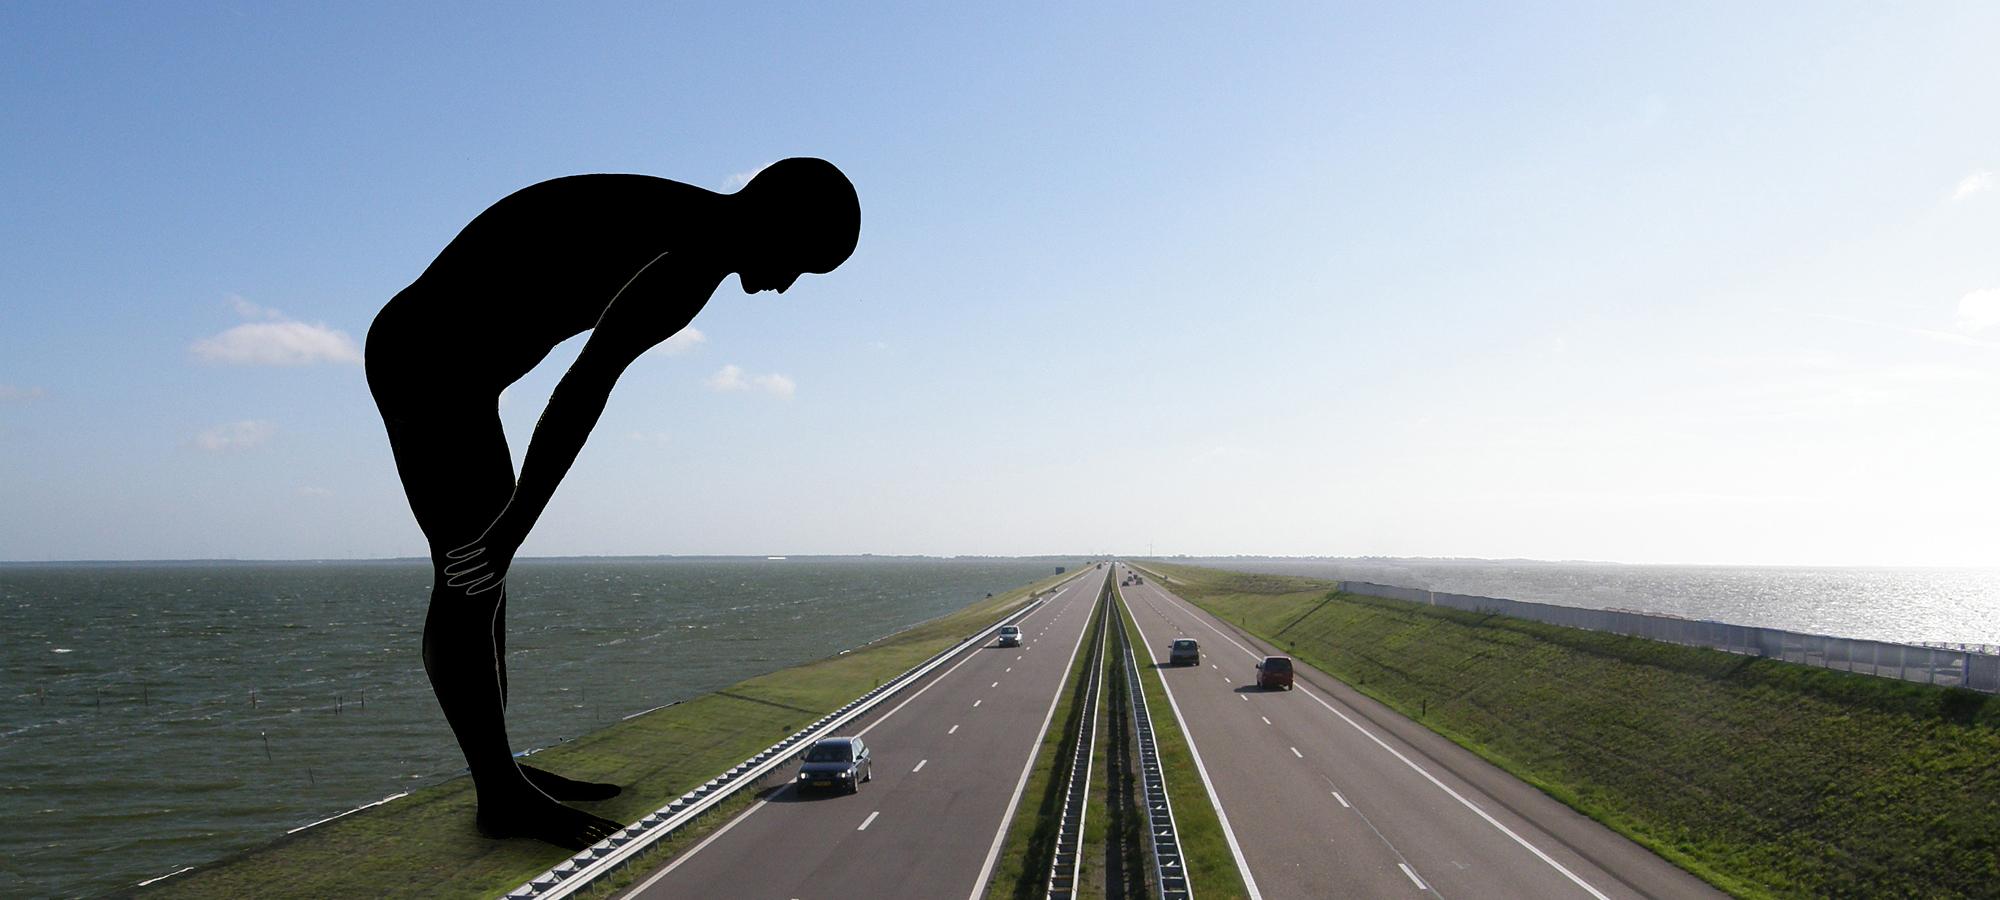 kunst openbare ruimte-Afsluitdijk-BlokLugthart